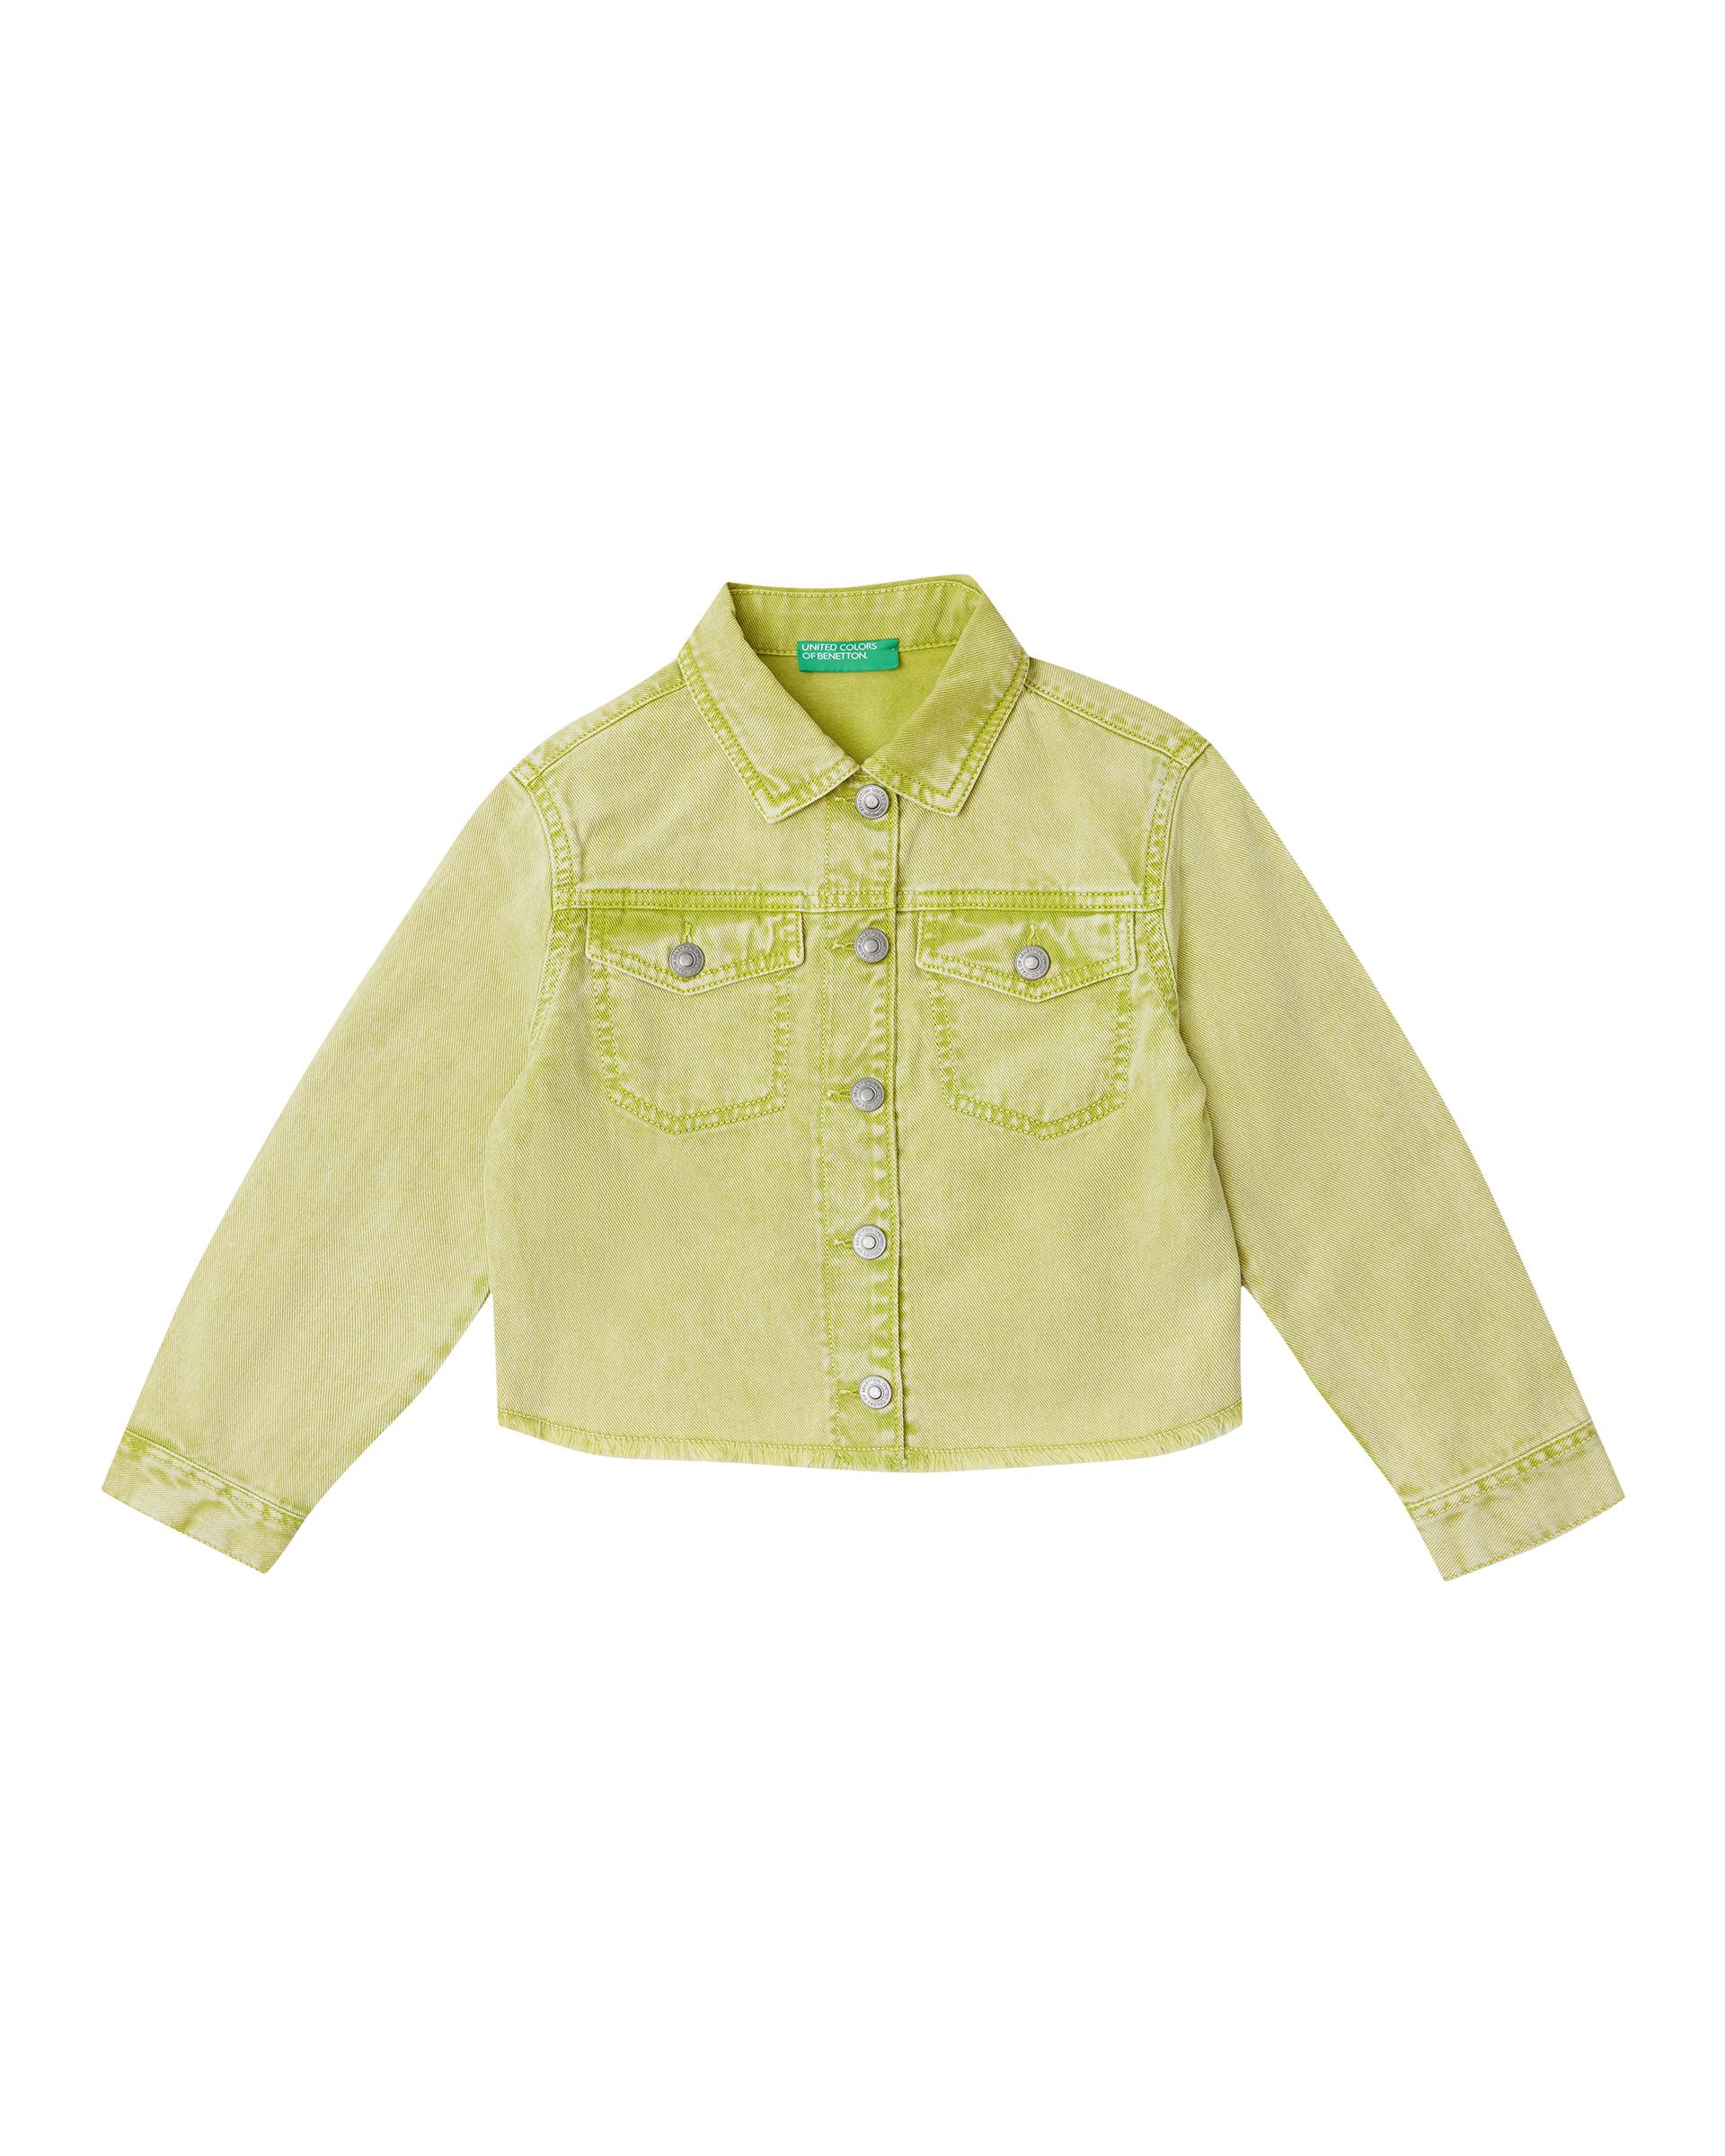 Купить 20P_2PL353HW0_902, Джинсовая куртка для девочек Benetton 2PL353HW0_902 р-р 158, United Colors of Benetton, Куртки для девочек